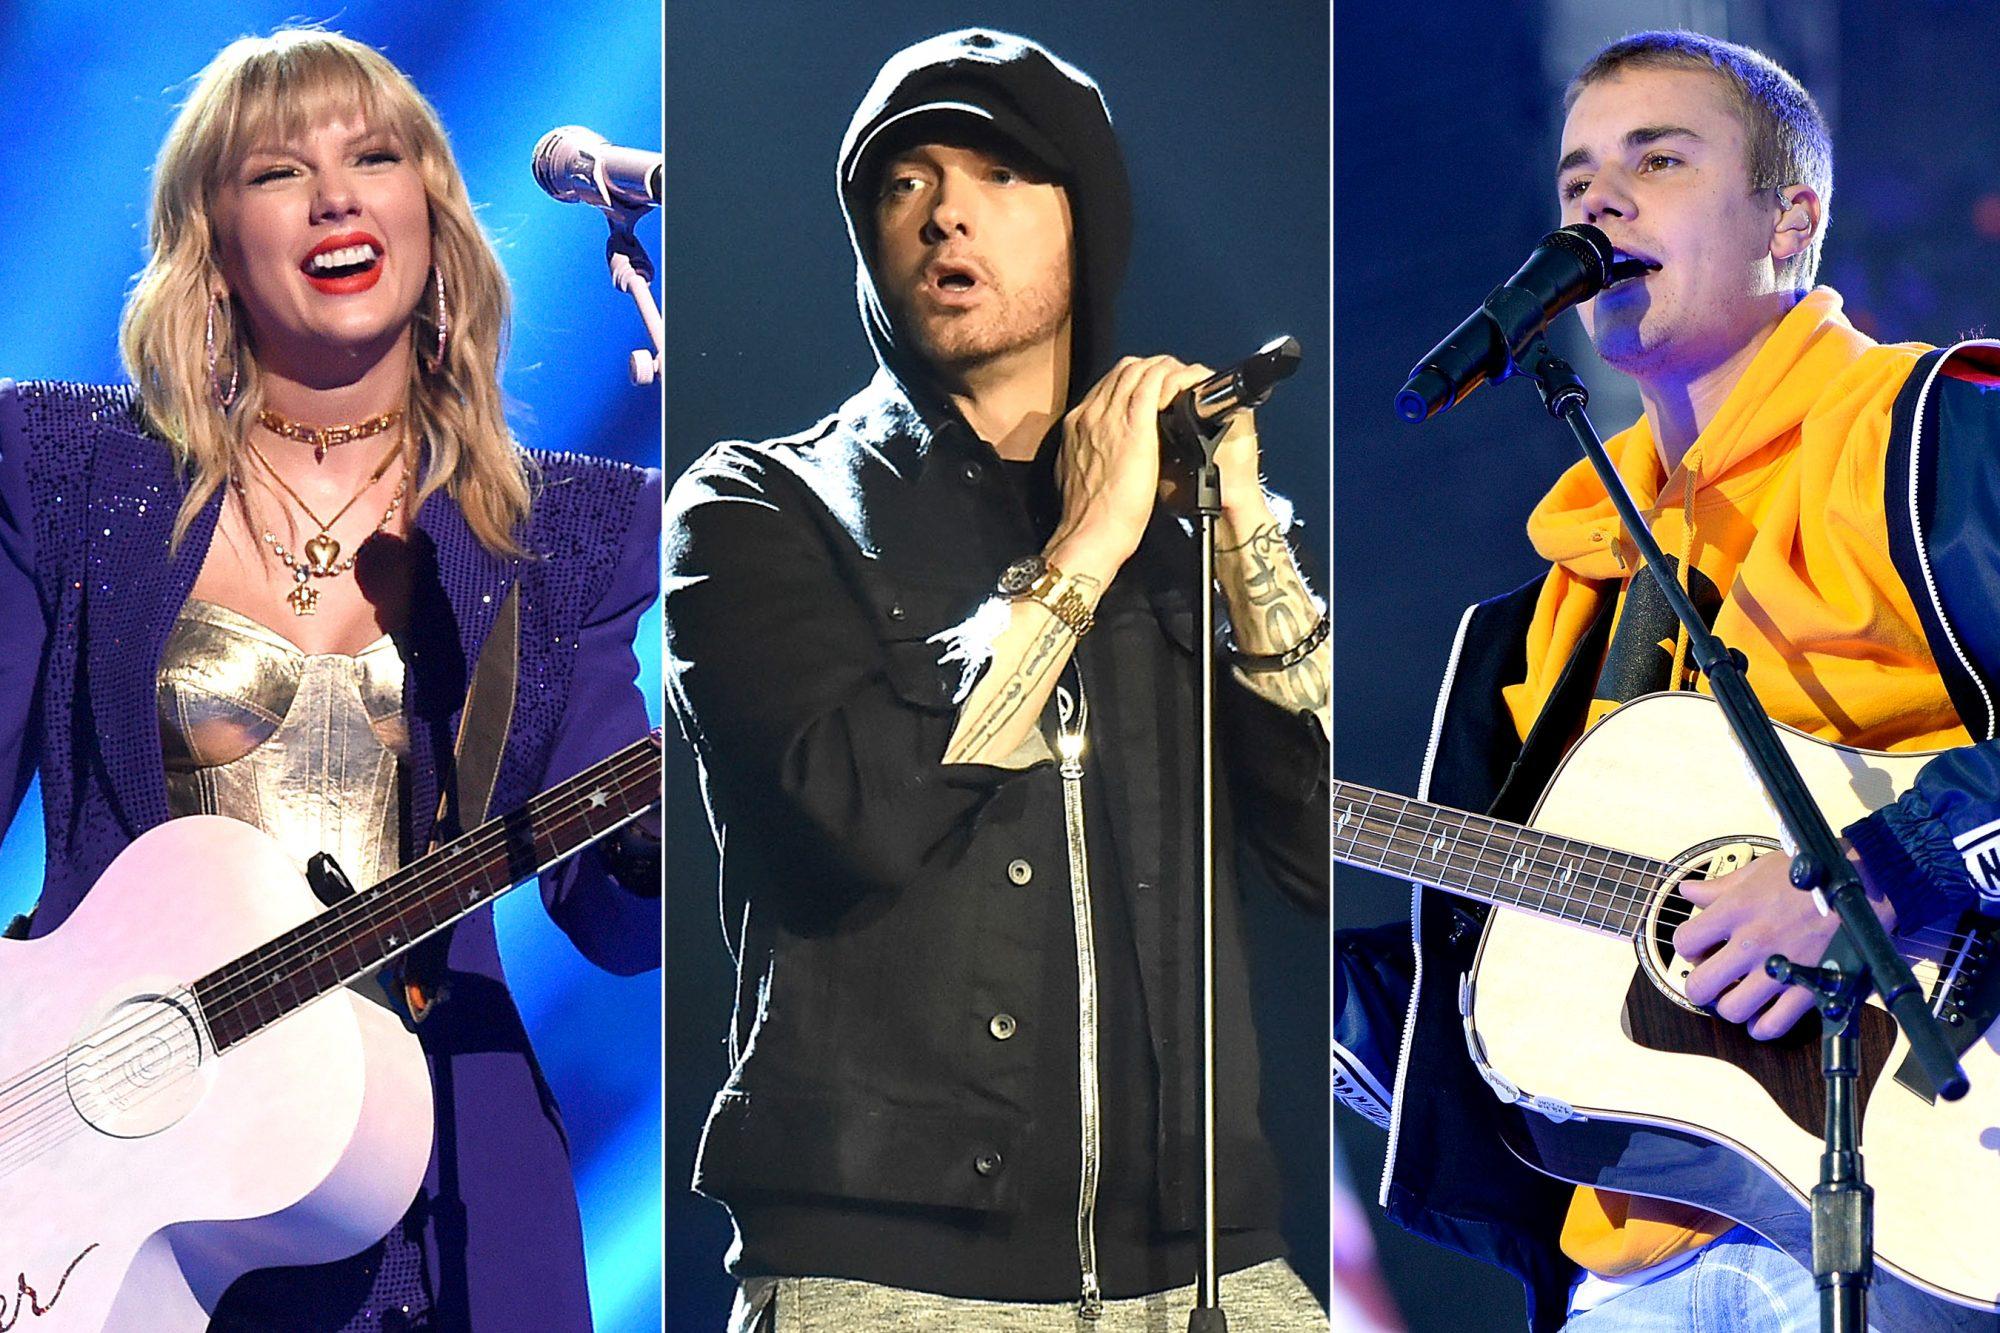 Taylor Swift / Eminem / Justin Bieber